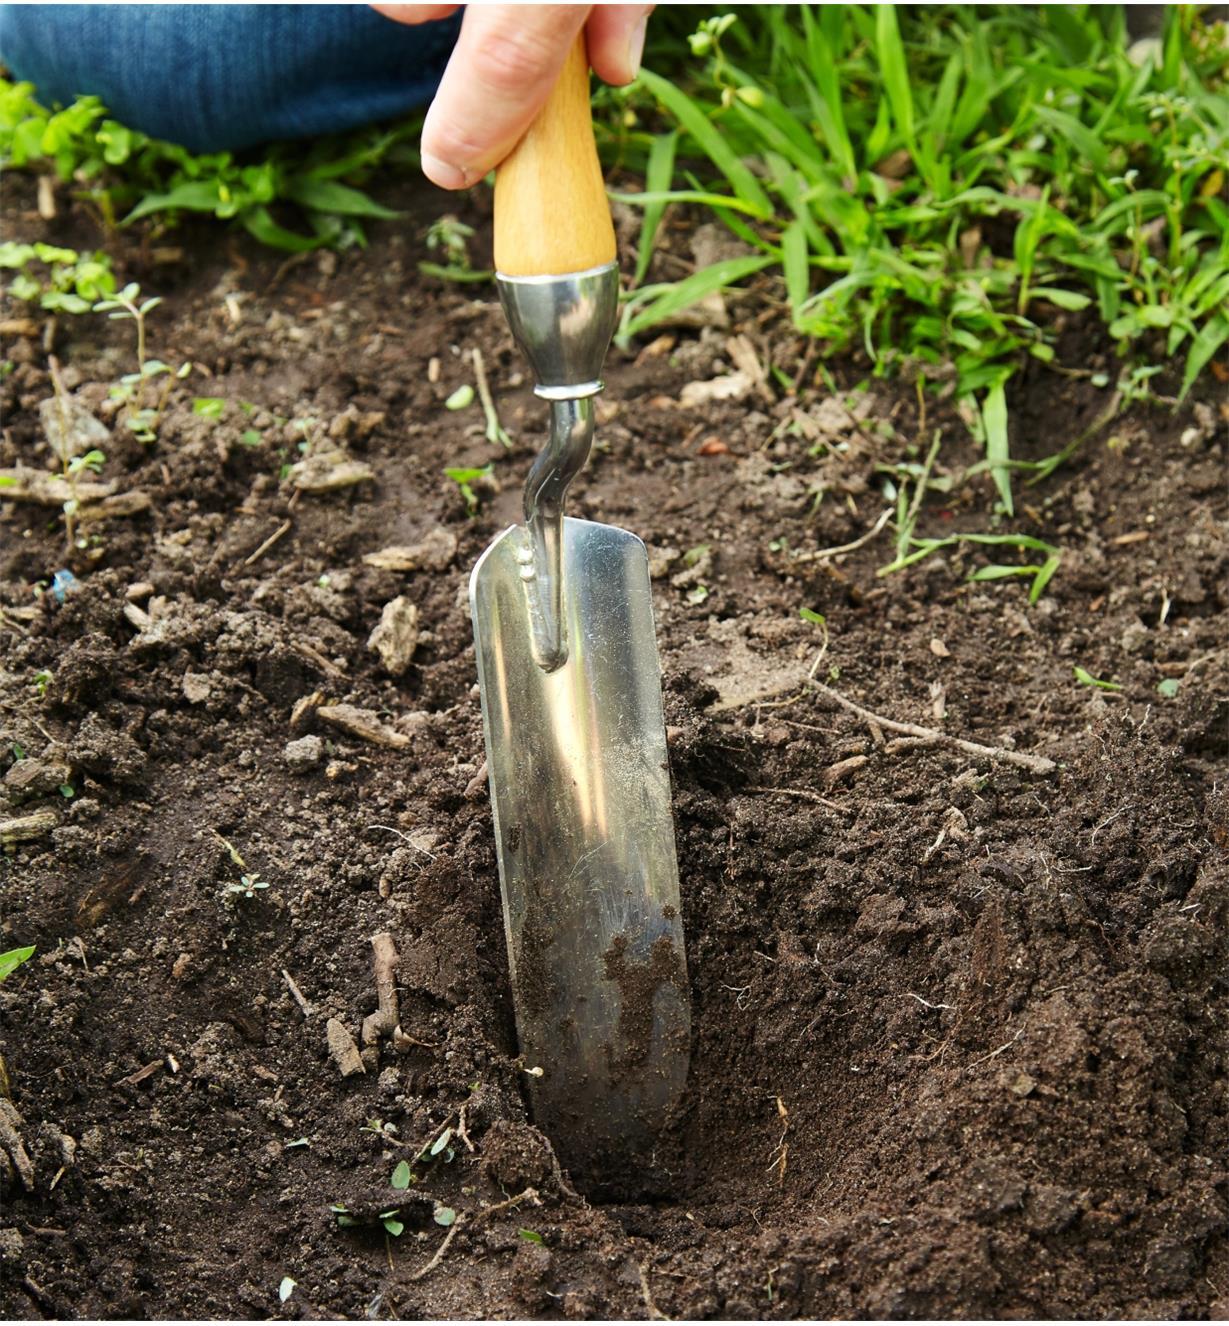 Digging in garden soil using the Lee Valley Premium Narrow Trowel